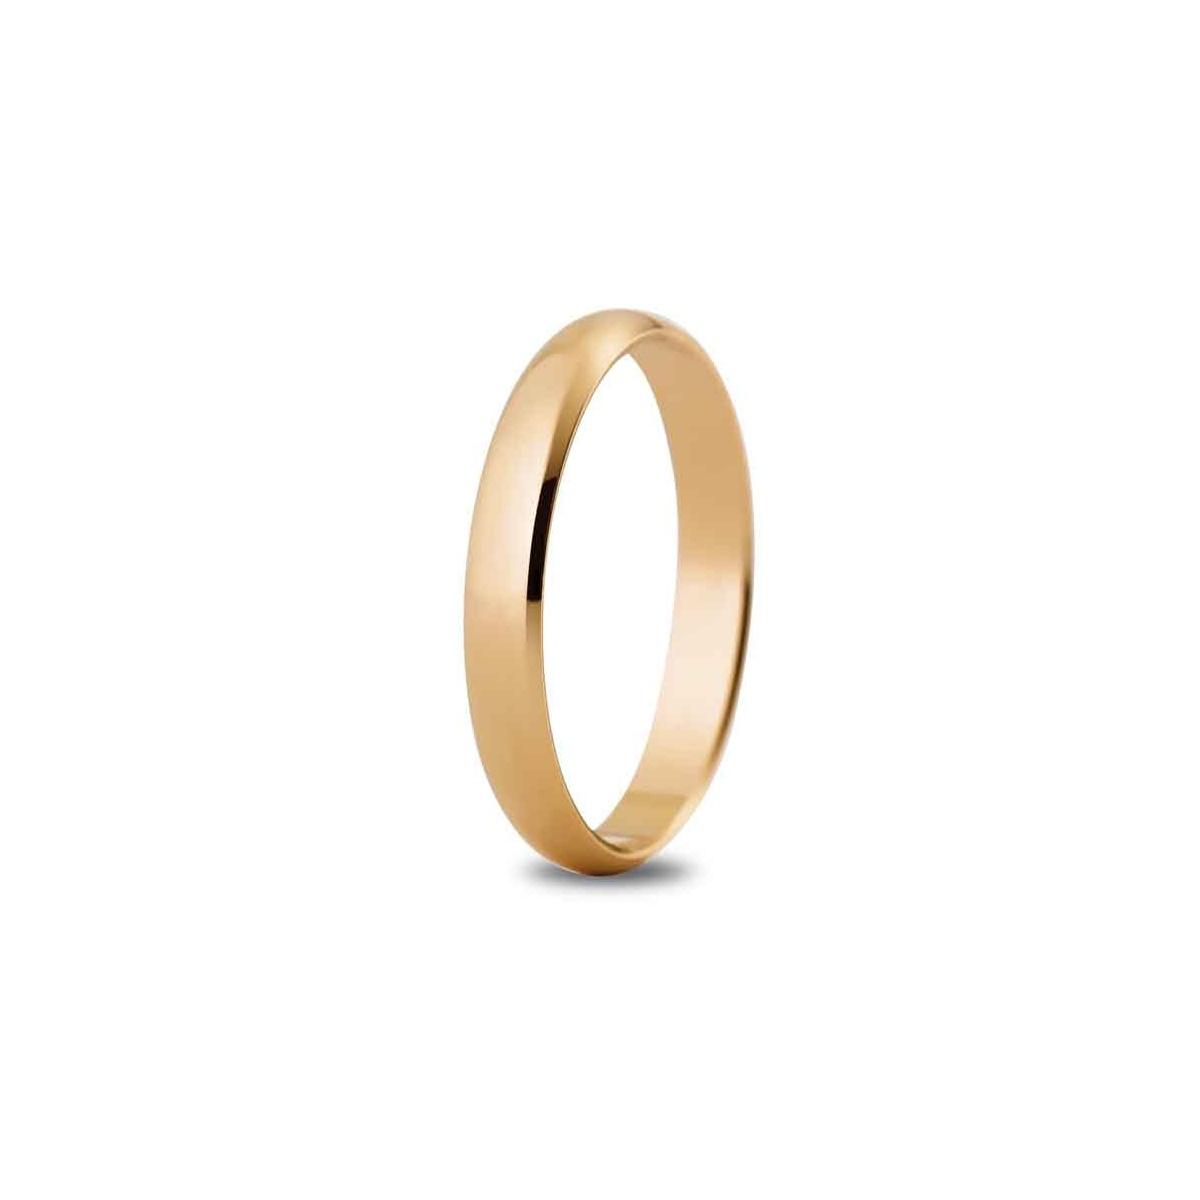 Alianza de boda 3 mm de ancho en oro rosa de 18 quilates